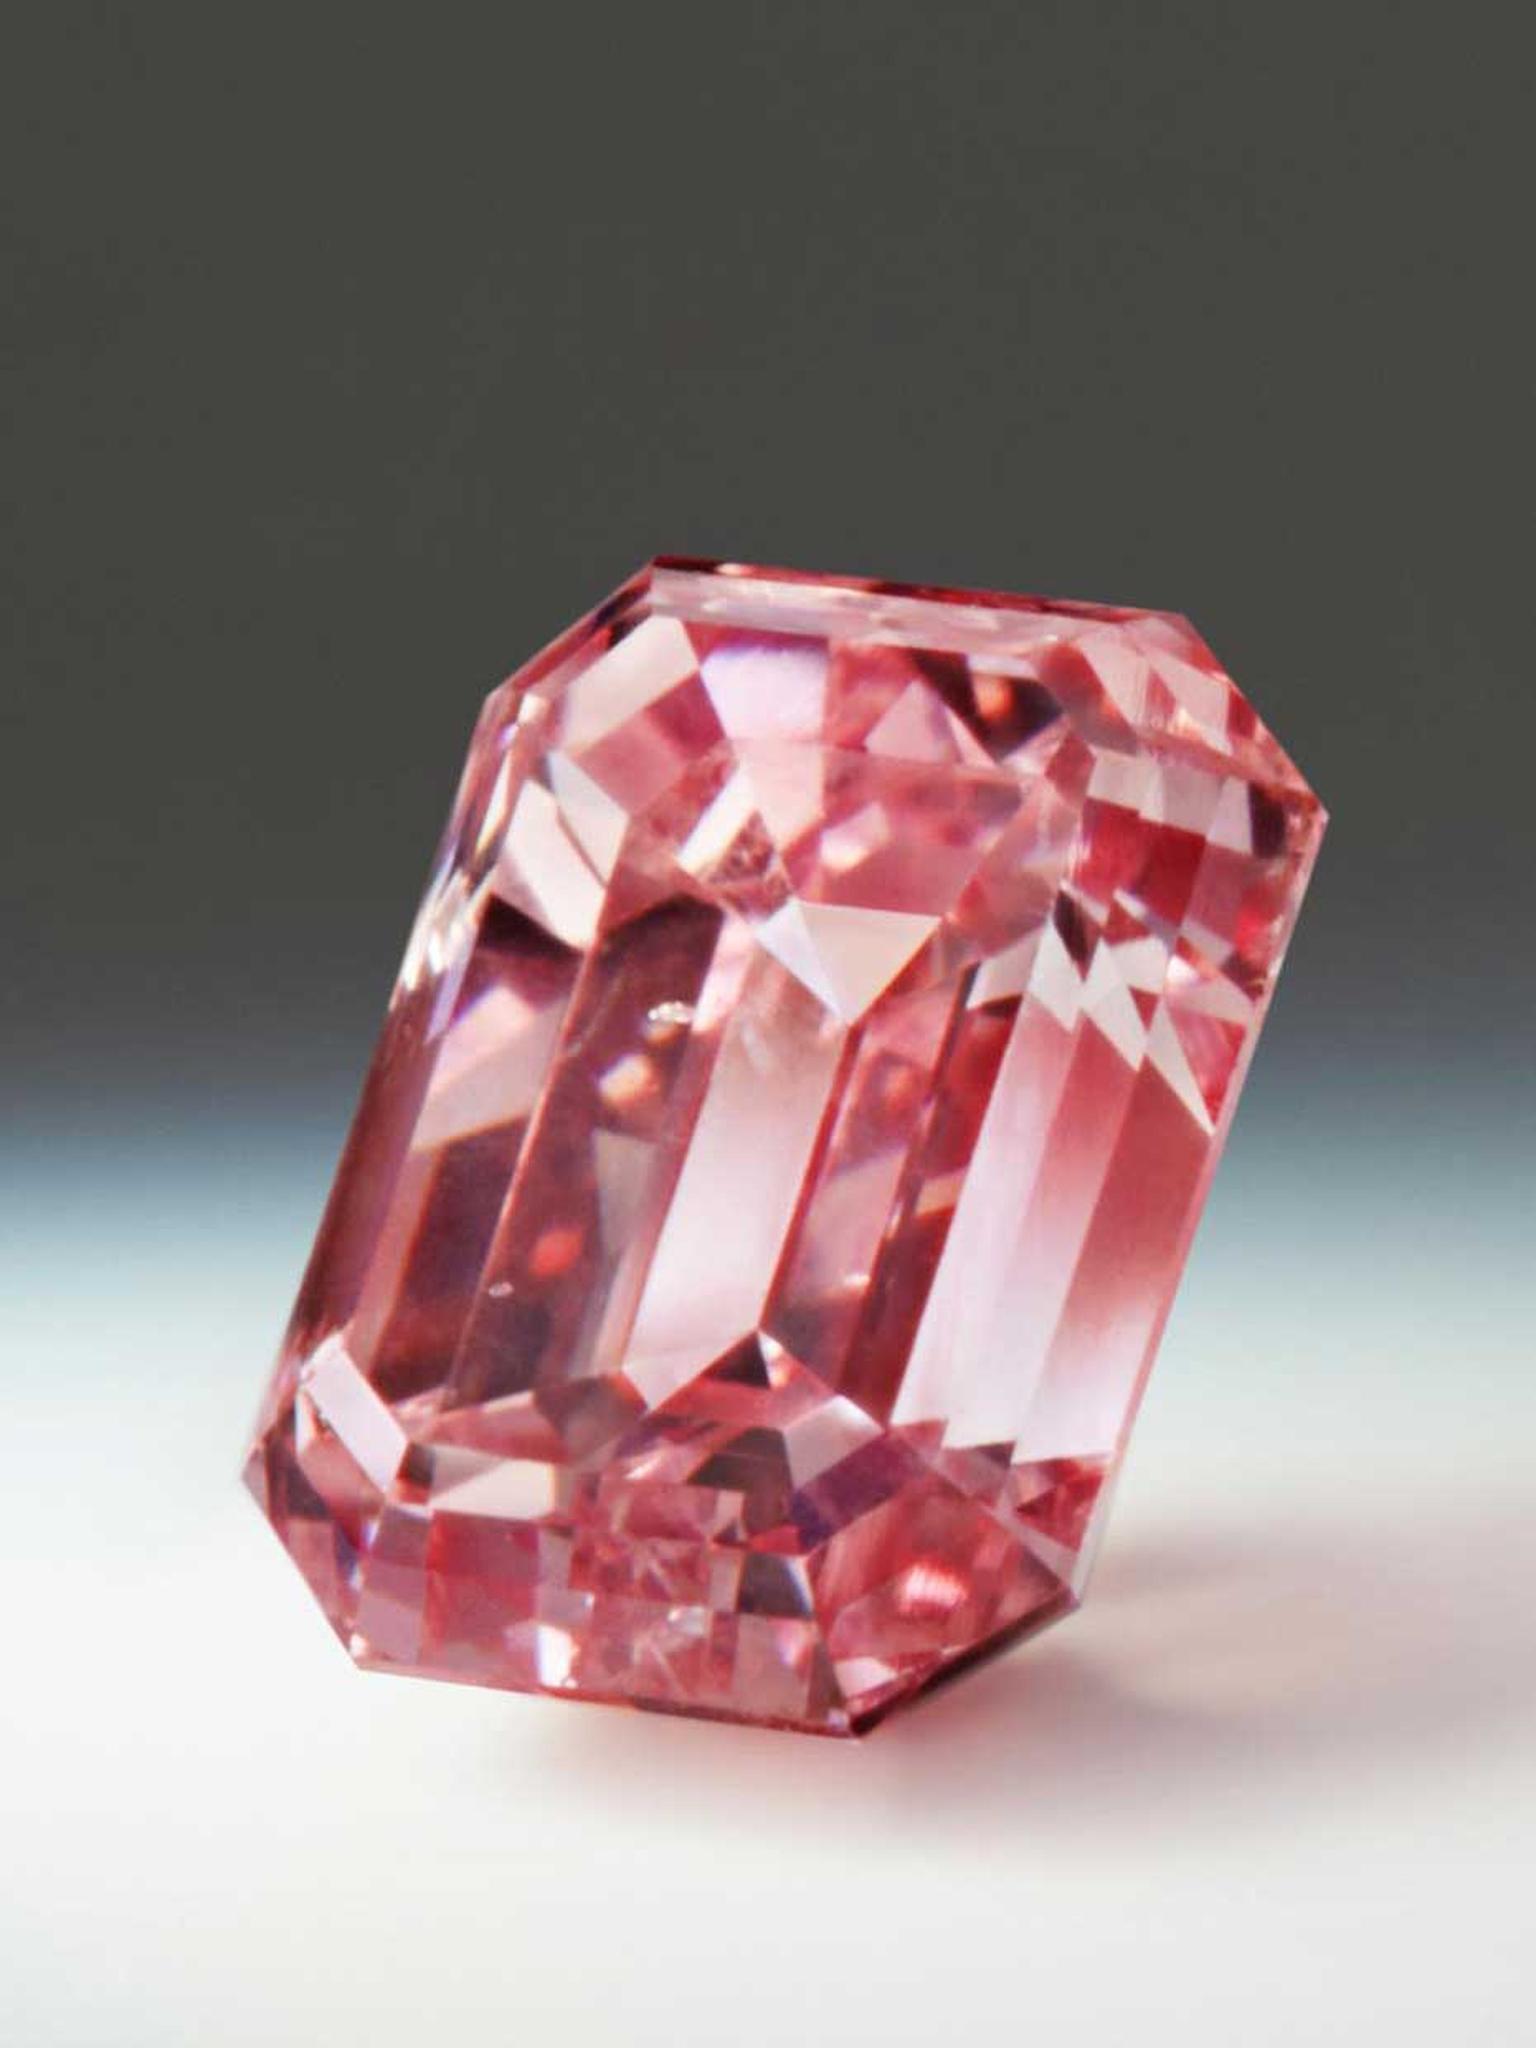 The Argyle Toki From The Argyle Pink Diamonds Tender 2014